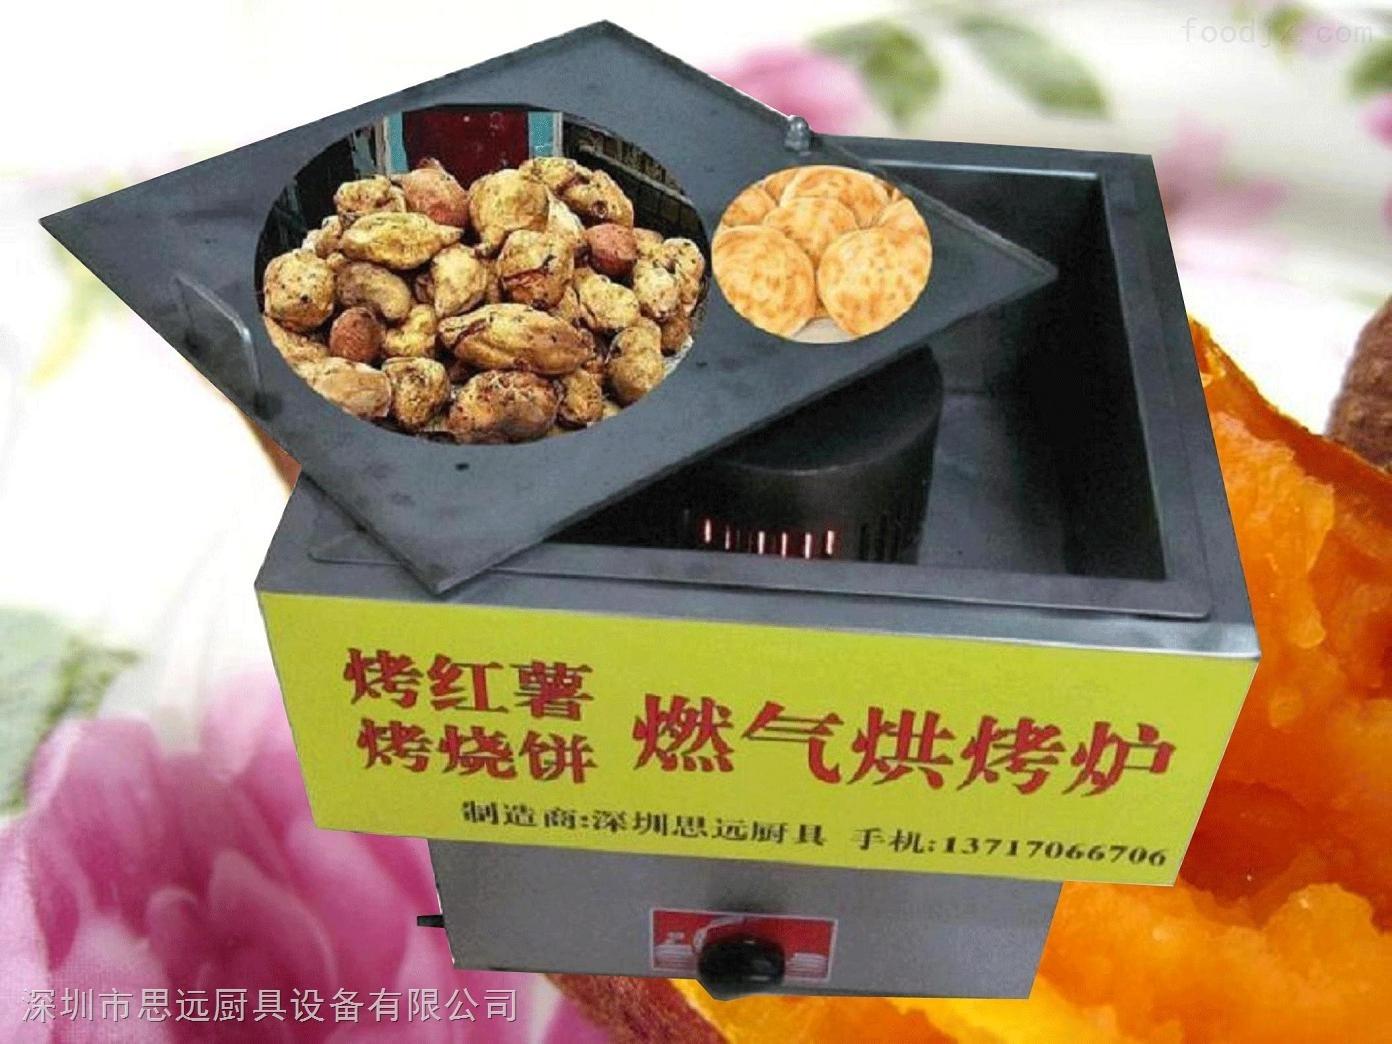 相关烤地瓜机产品批发价格和供应信息